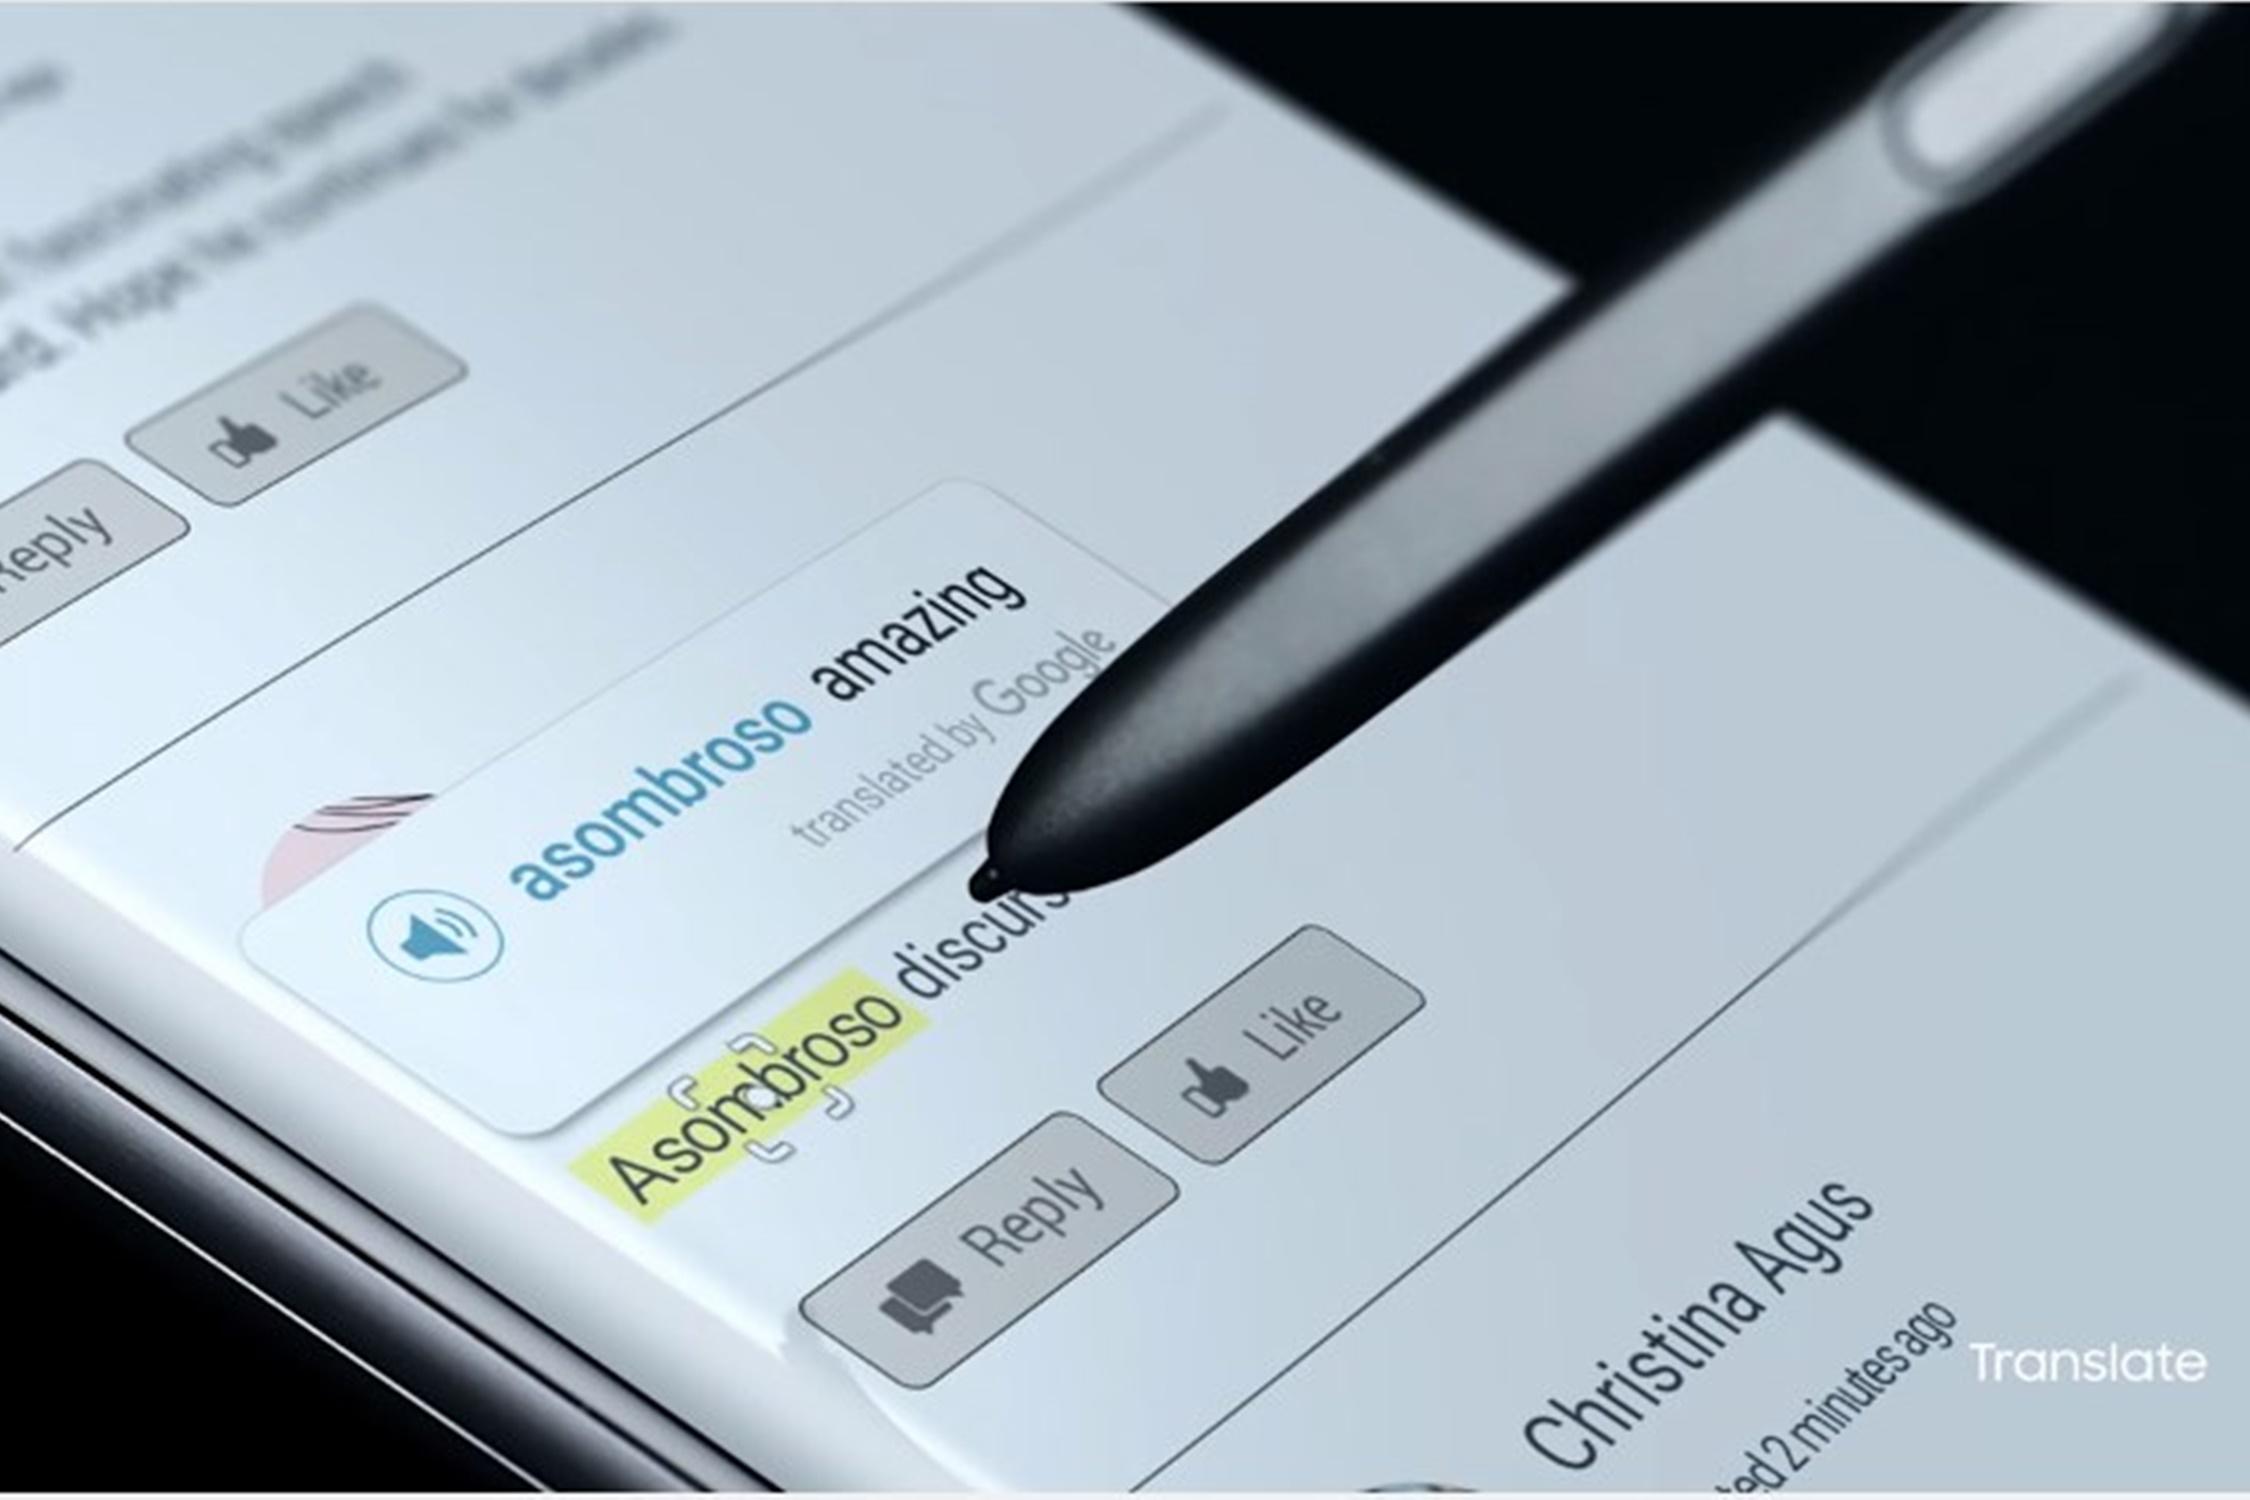 """Imagem de Como funciona a """"tradução instantânea"""" da S Pen no Galaxy Note 7 no tecmundo"""